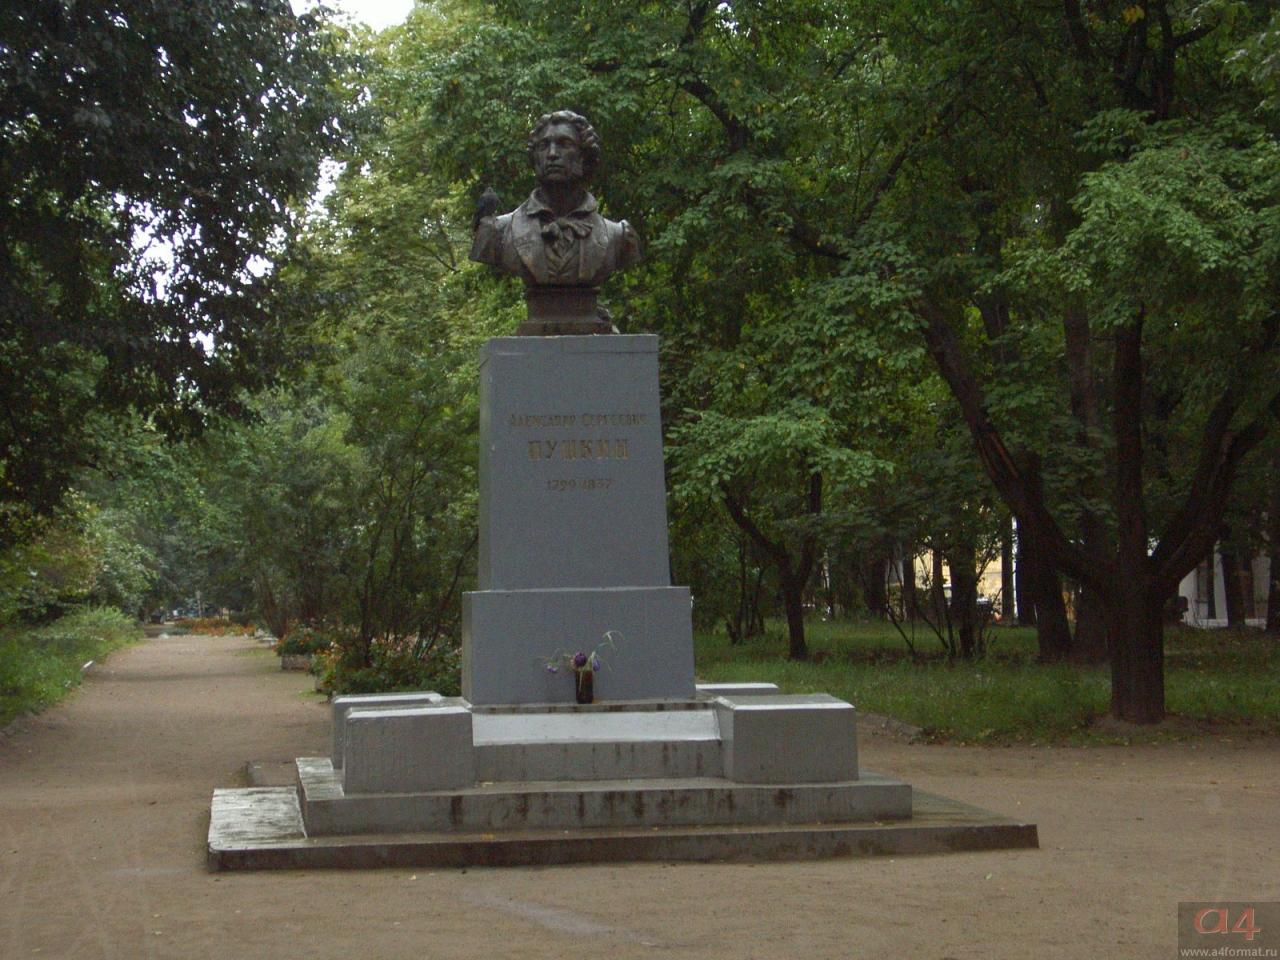 Парк А.С. Пушкина, Великие Луки